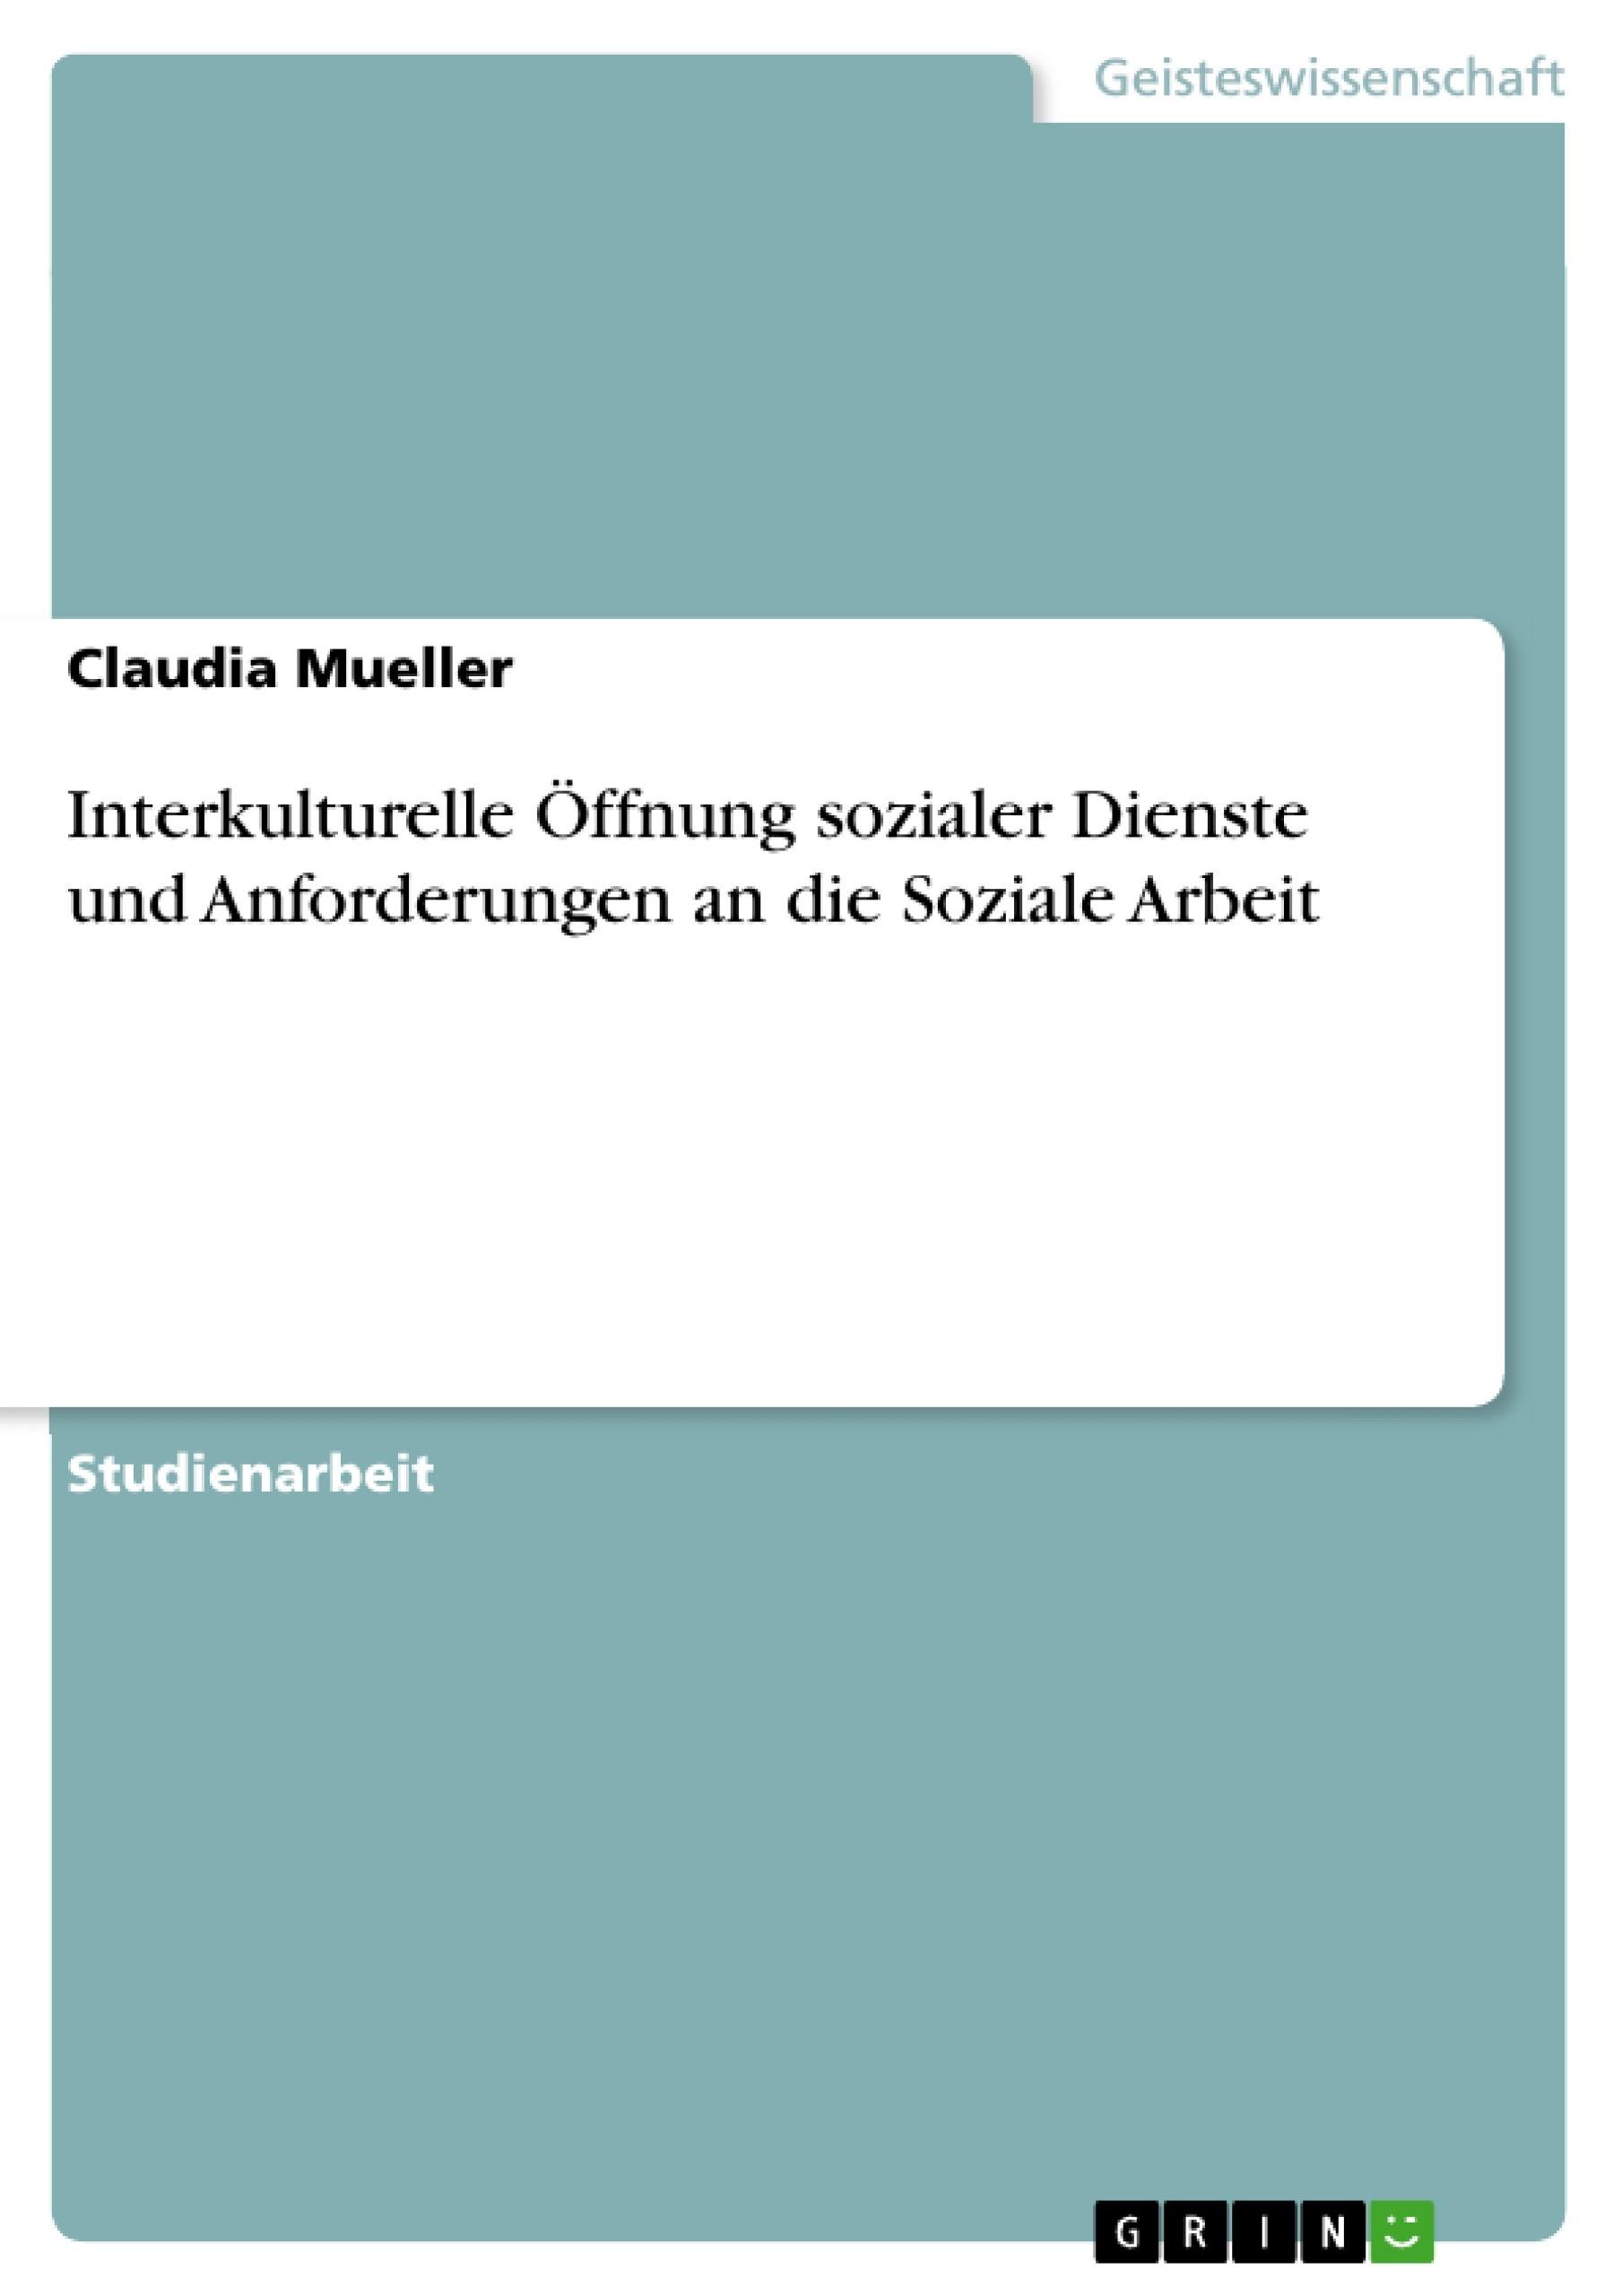 Titel: Interkulturelle Öffnung sozialer Dienste und Anforderungen an die Soziale Arbeit